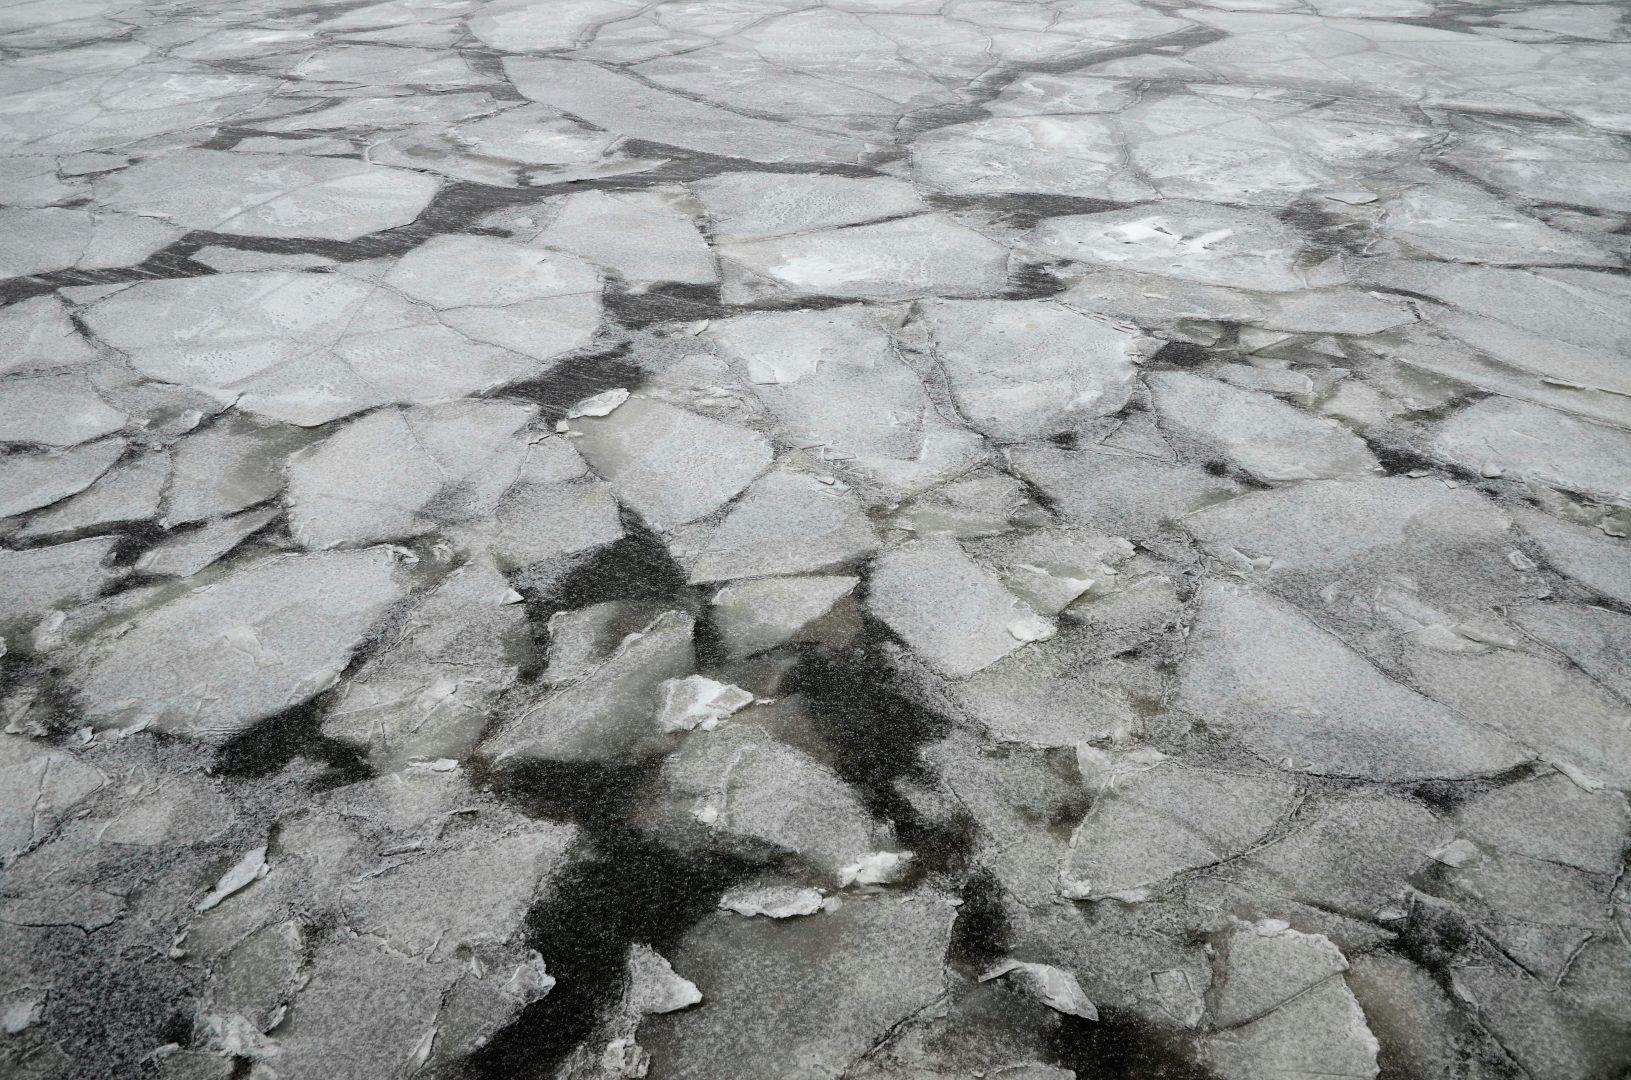 Ледяные реки растают в начале апреля в столице. Фото: Анна Быкова